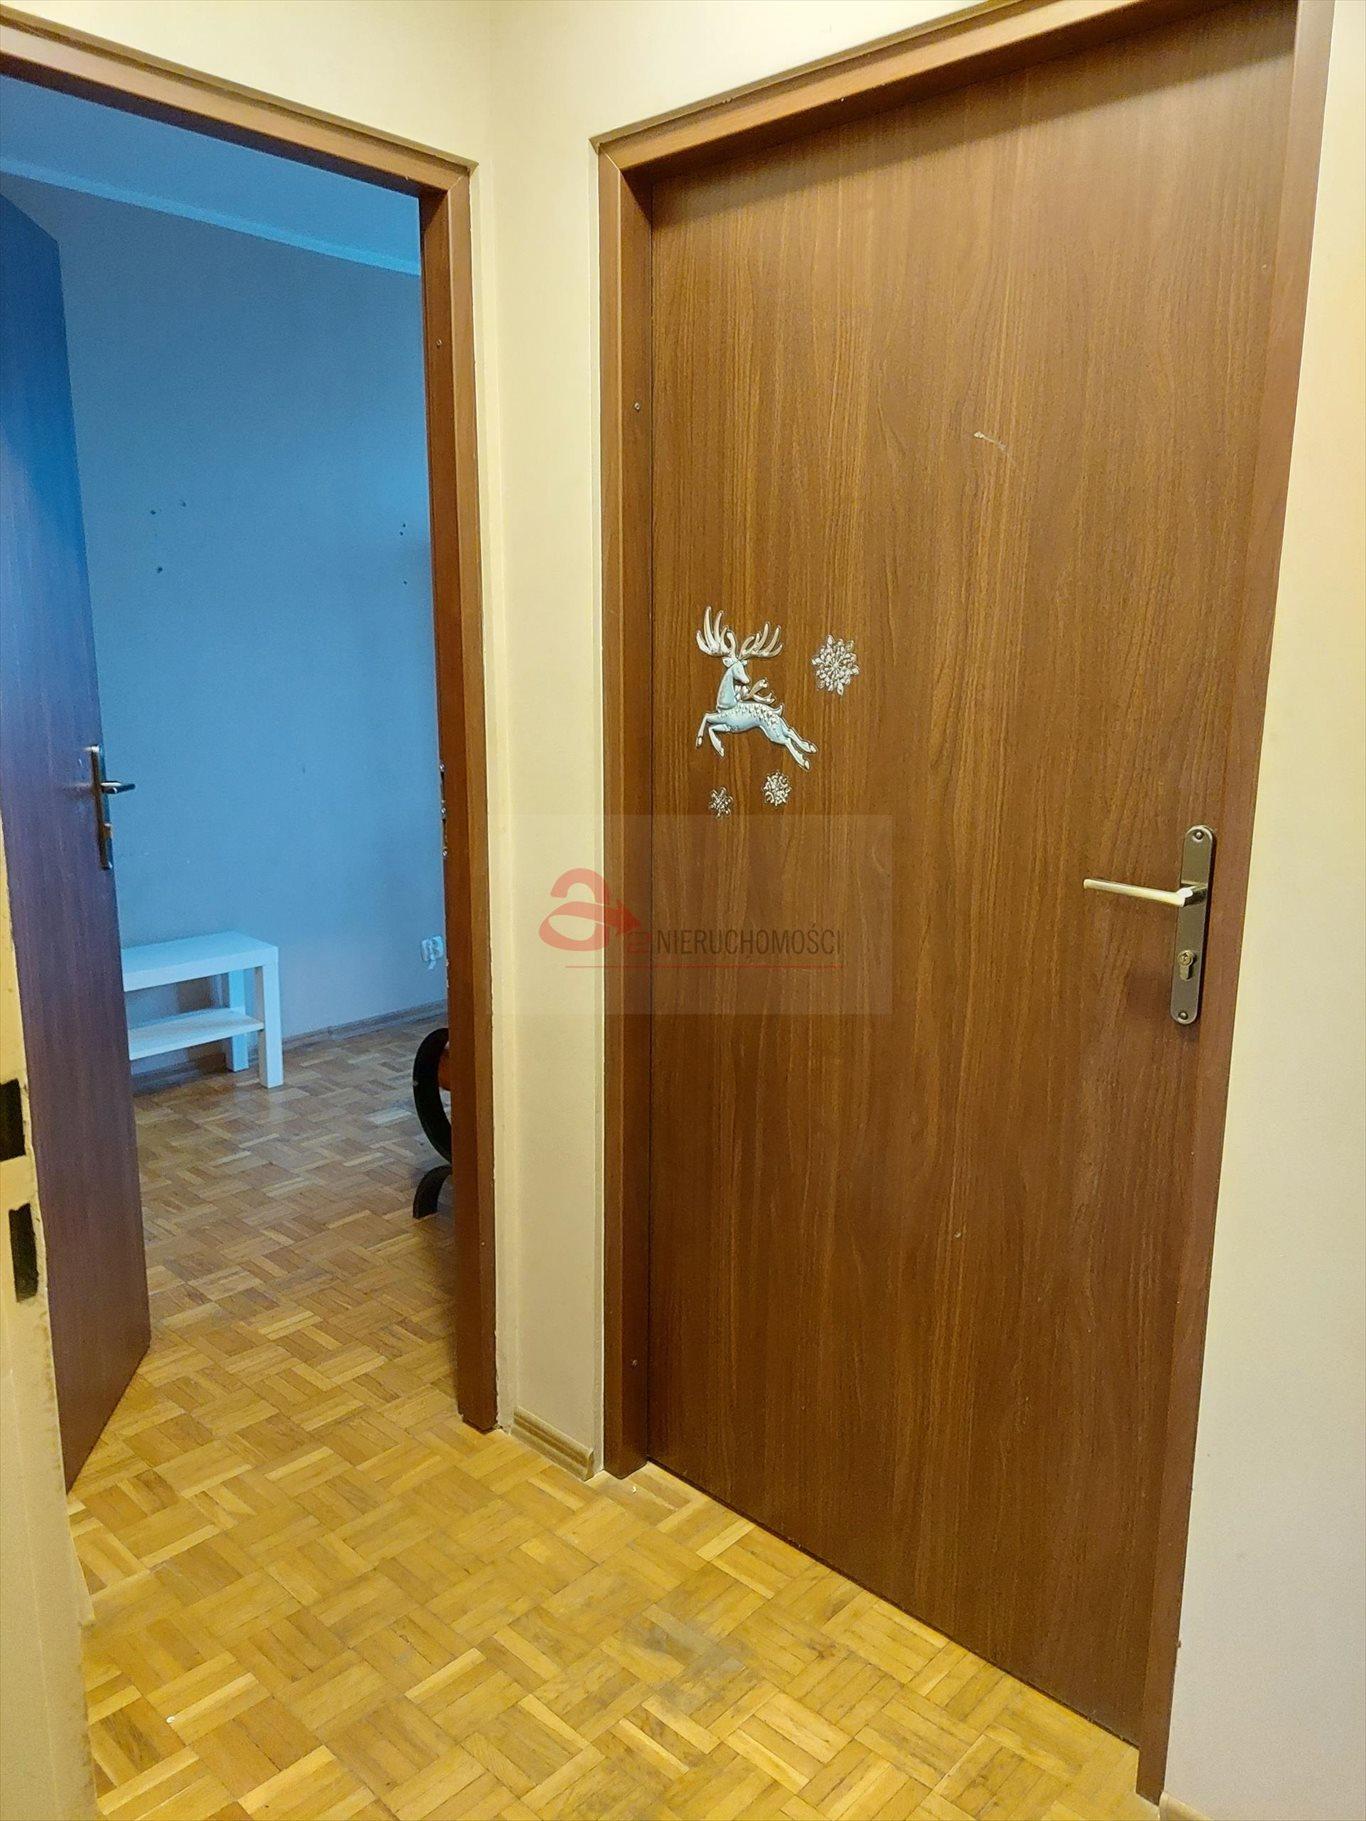 Mieszkanie trzypokojowe na sprzedaż Poznań, Poznań-Stare Miasto, Piątkowo, os. Bolesława Chrobrego  50m2 Foto 11